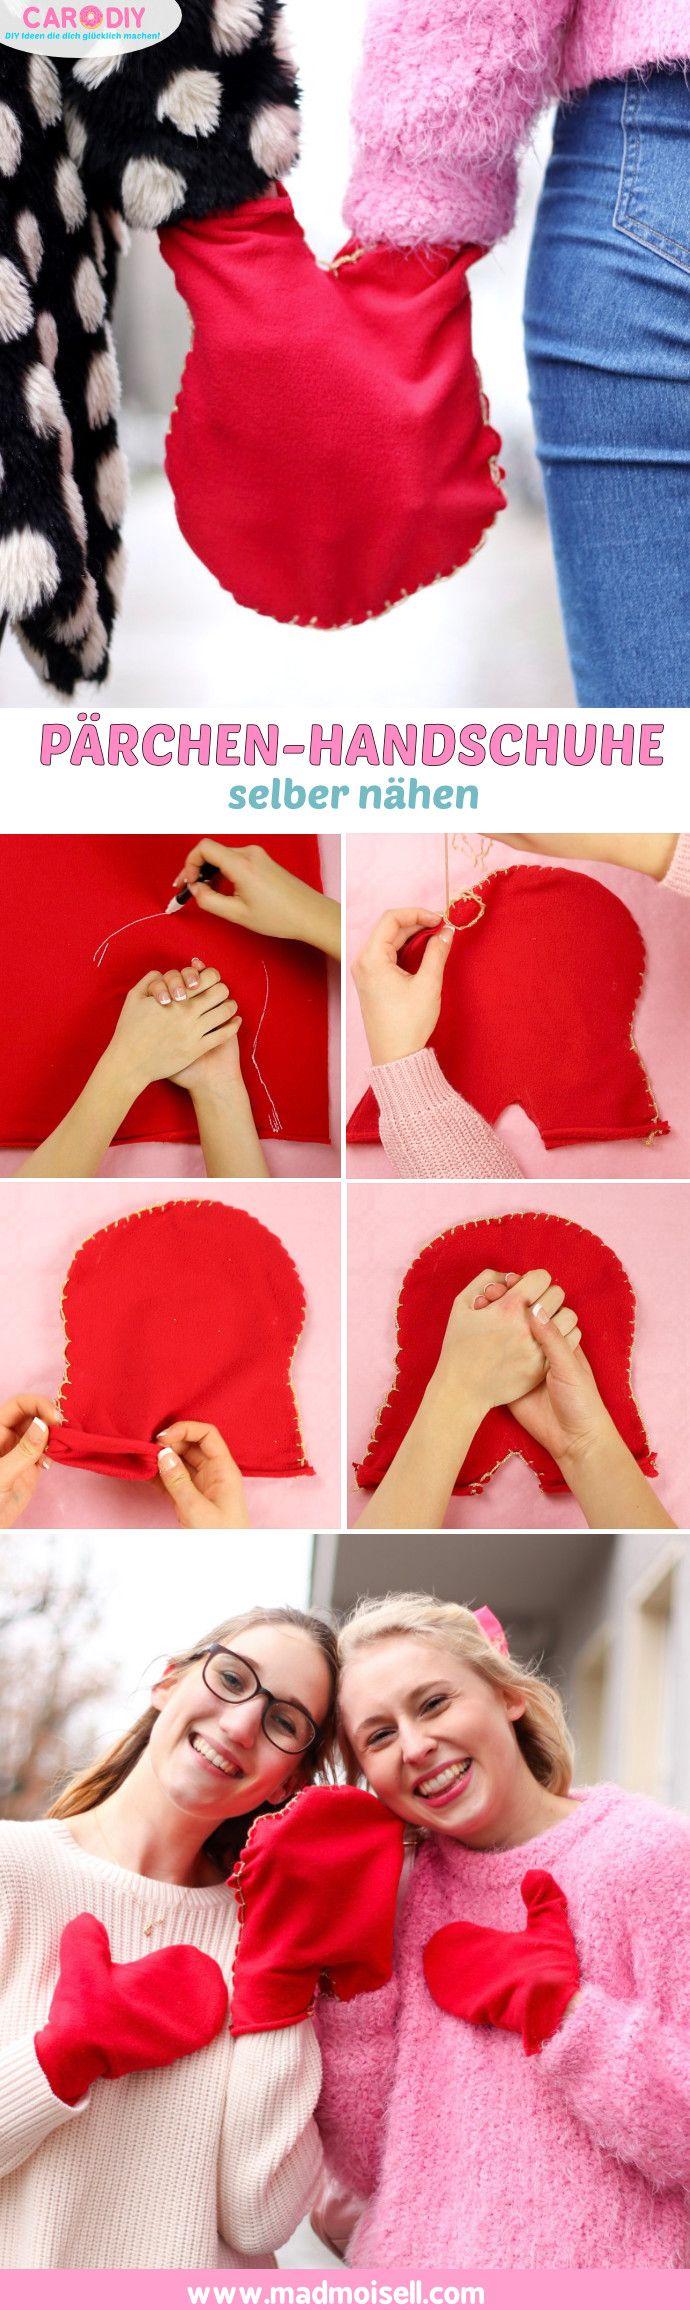 p rchen handschuhe selber n hen diy geschenke f r freund freundin diy basteln selbermachen. Black Bedroom Furniture Sets. Home Design Ideas